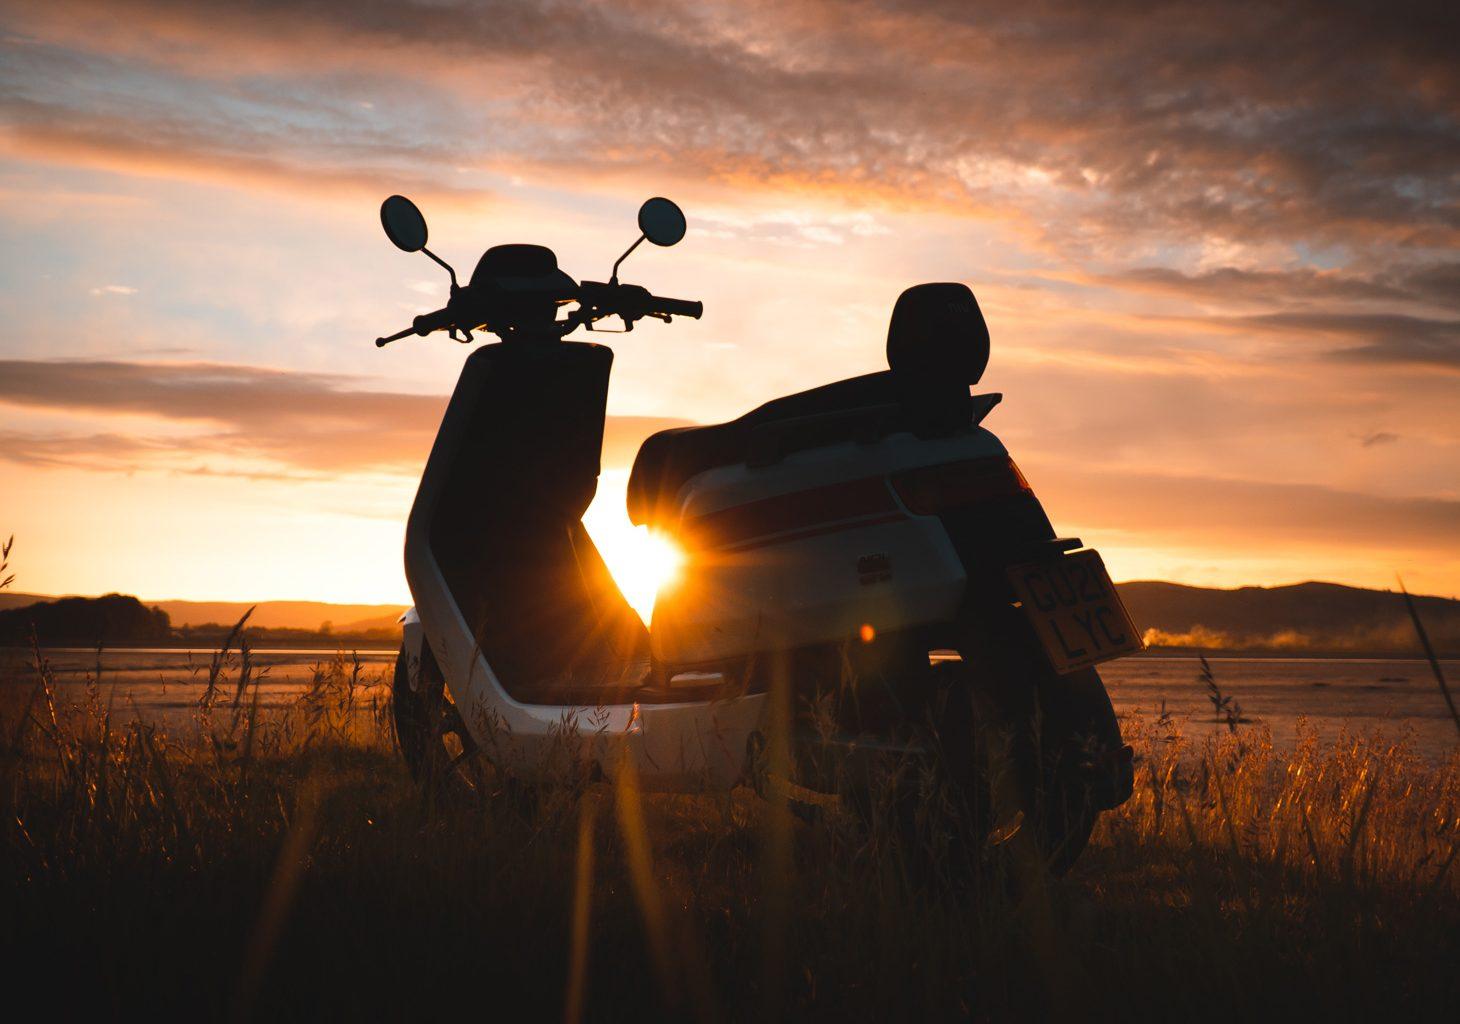 Elektrische NIU scooter met een zonsondergang en een wolk achtergrond